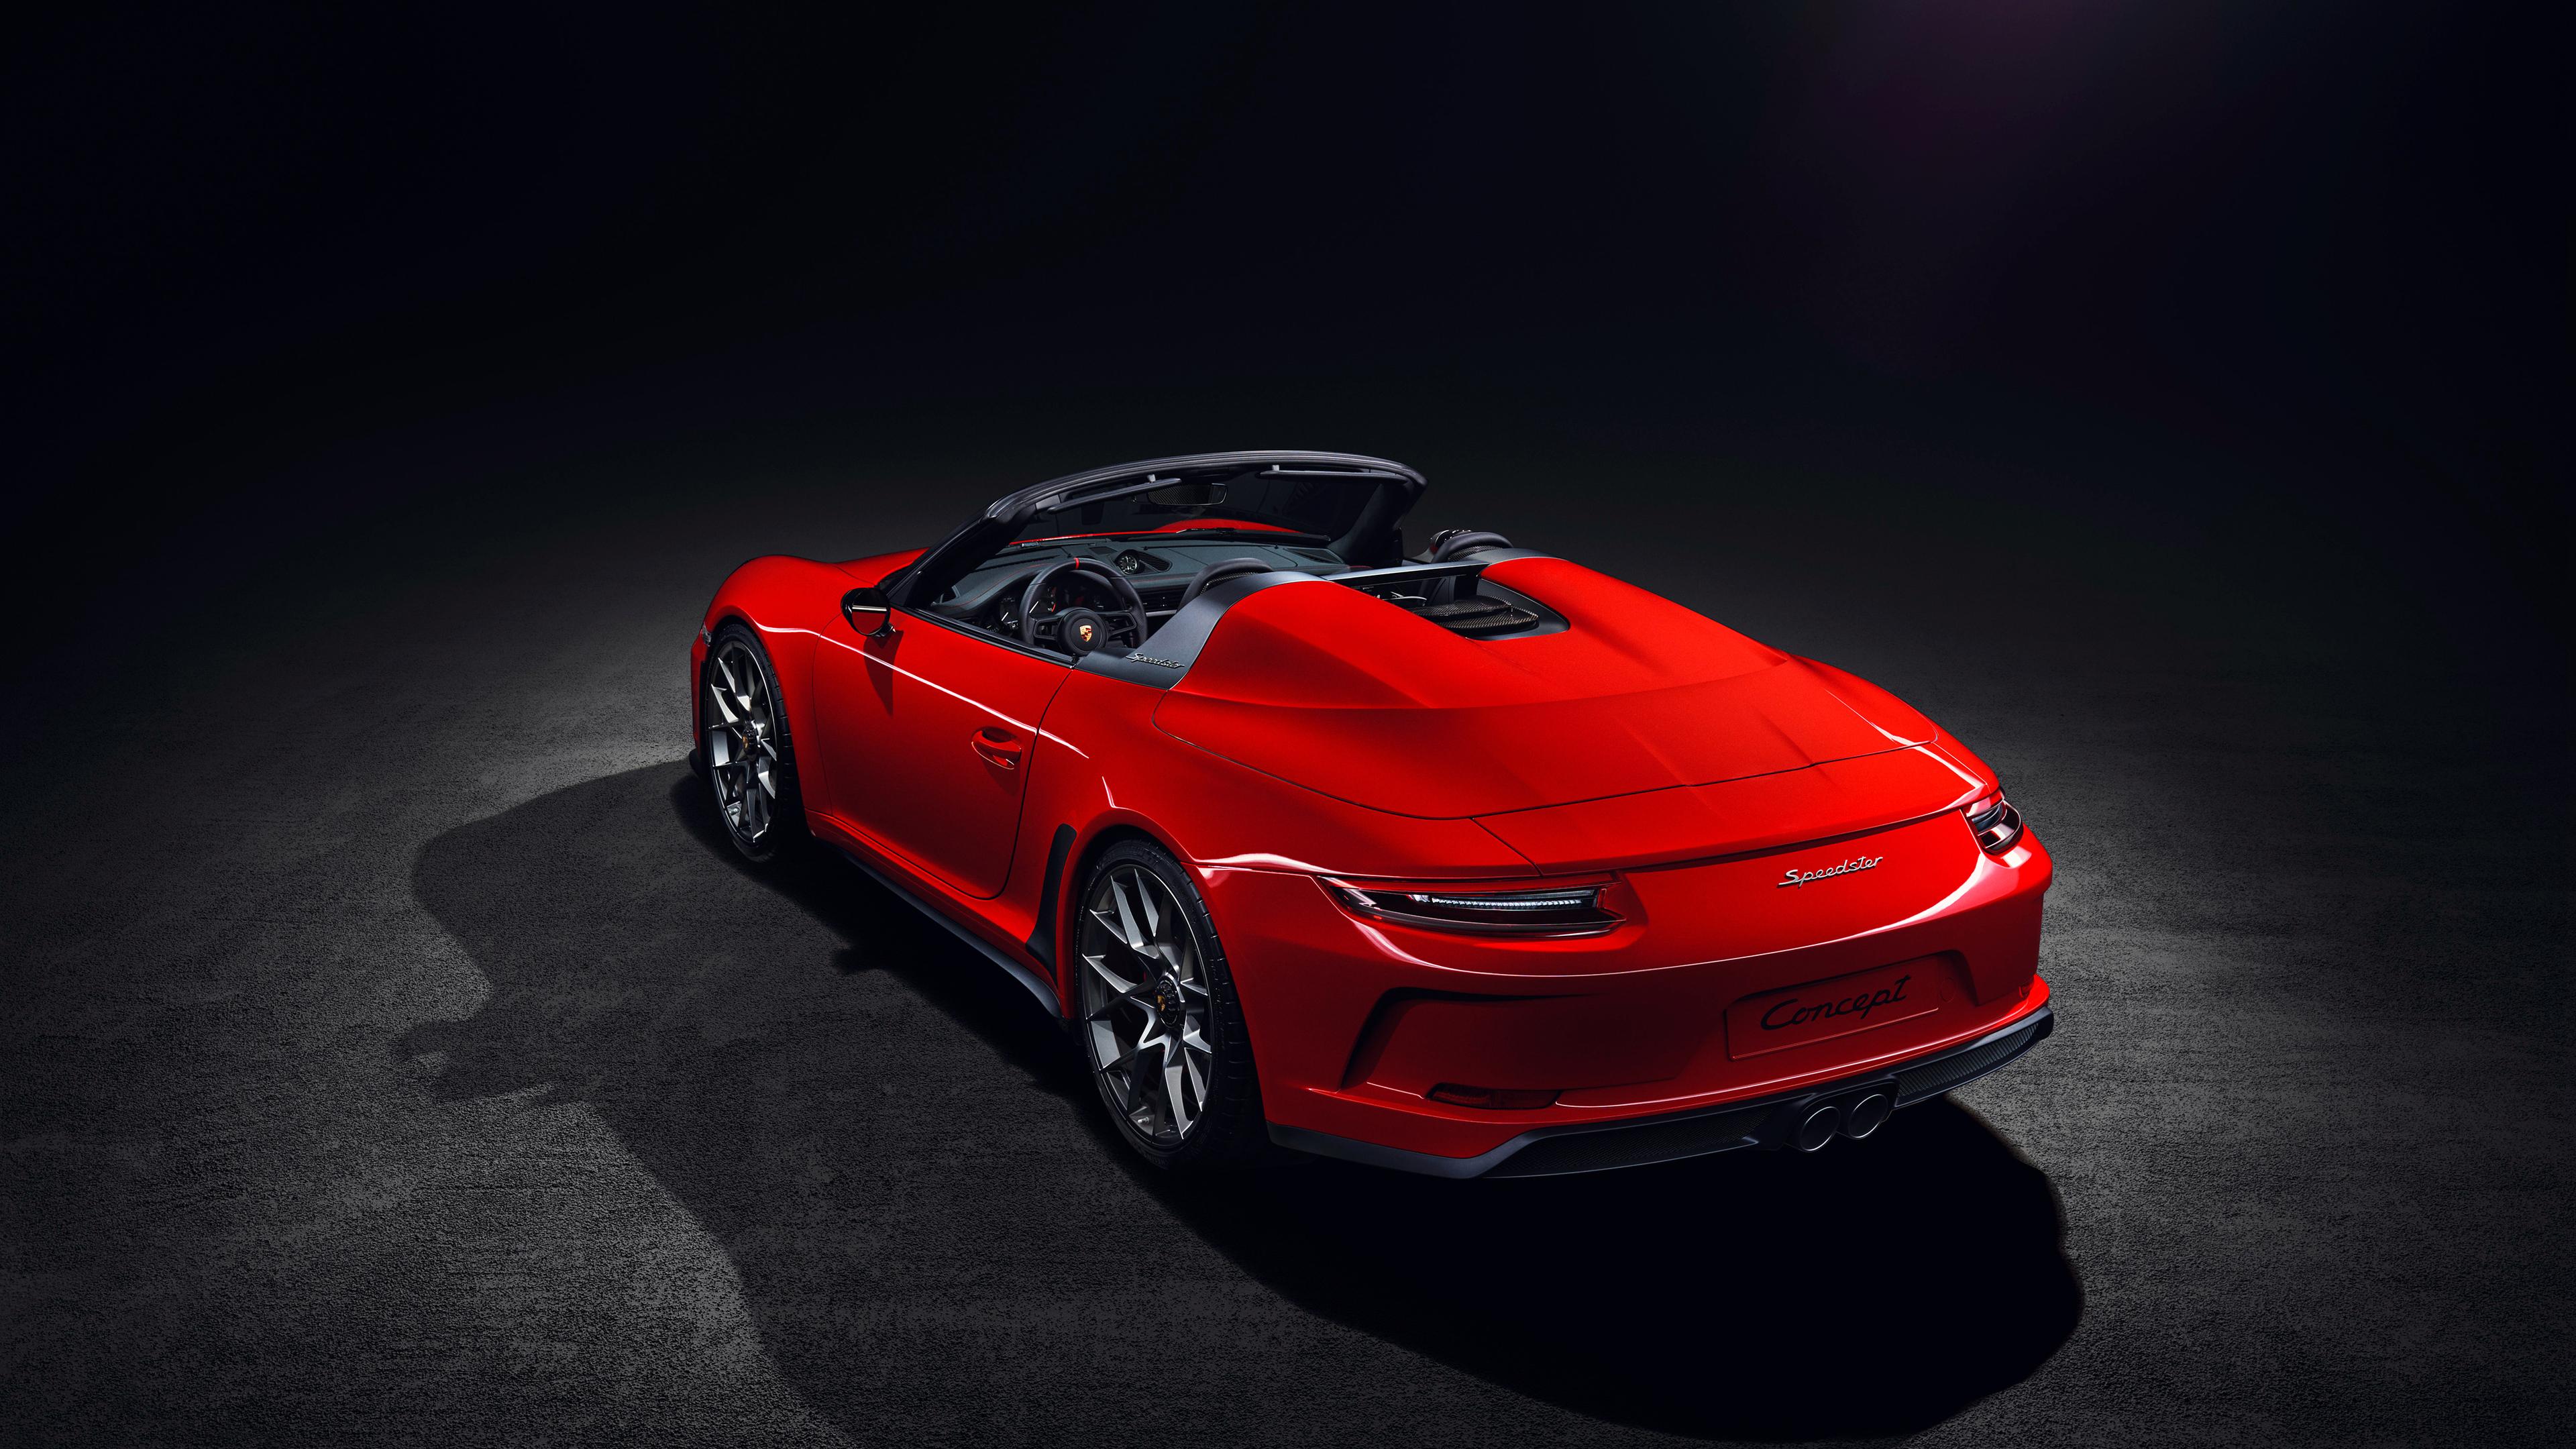 porsche 911 speedster concept ii 2018 rear 1539792821 - Porsche 911 Speedster Concept II 2018 Rear - porsche wallpapers, porsche 911 wallpapers, hd-wallpapers, cars wallpapers, 4k-wallpapers, 2018 cars wallpapers